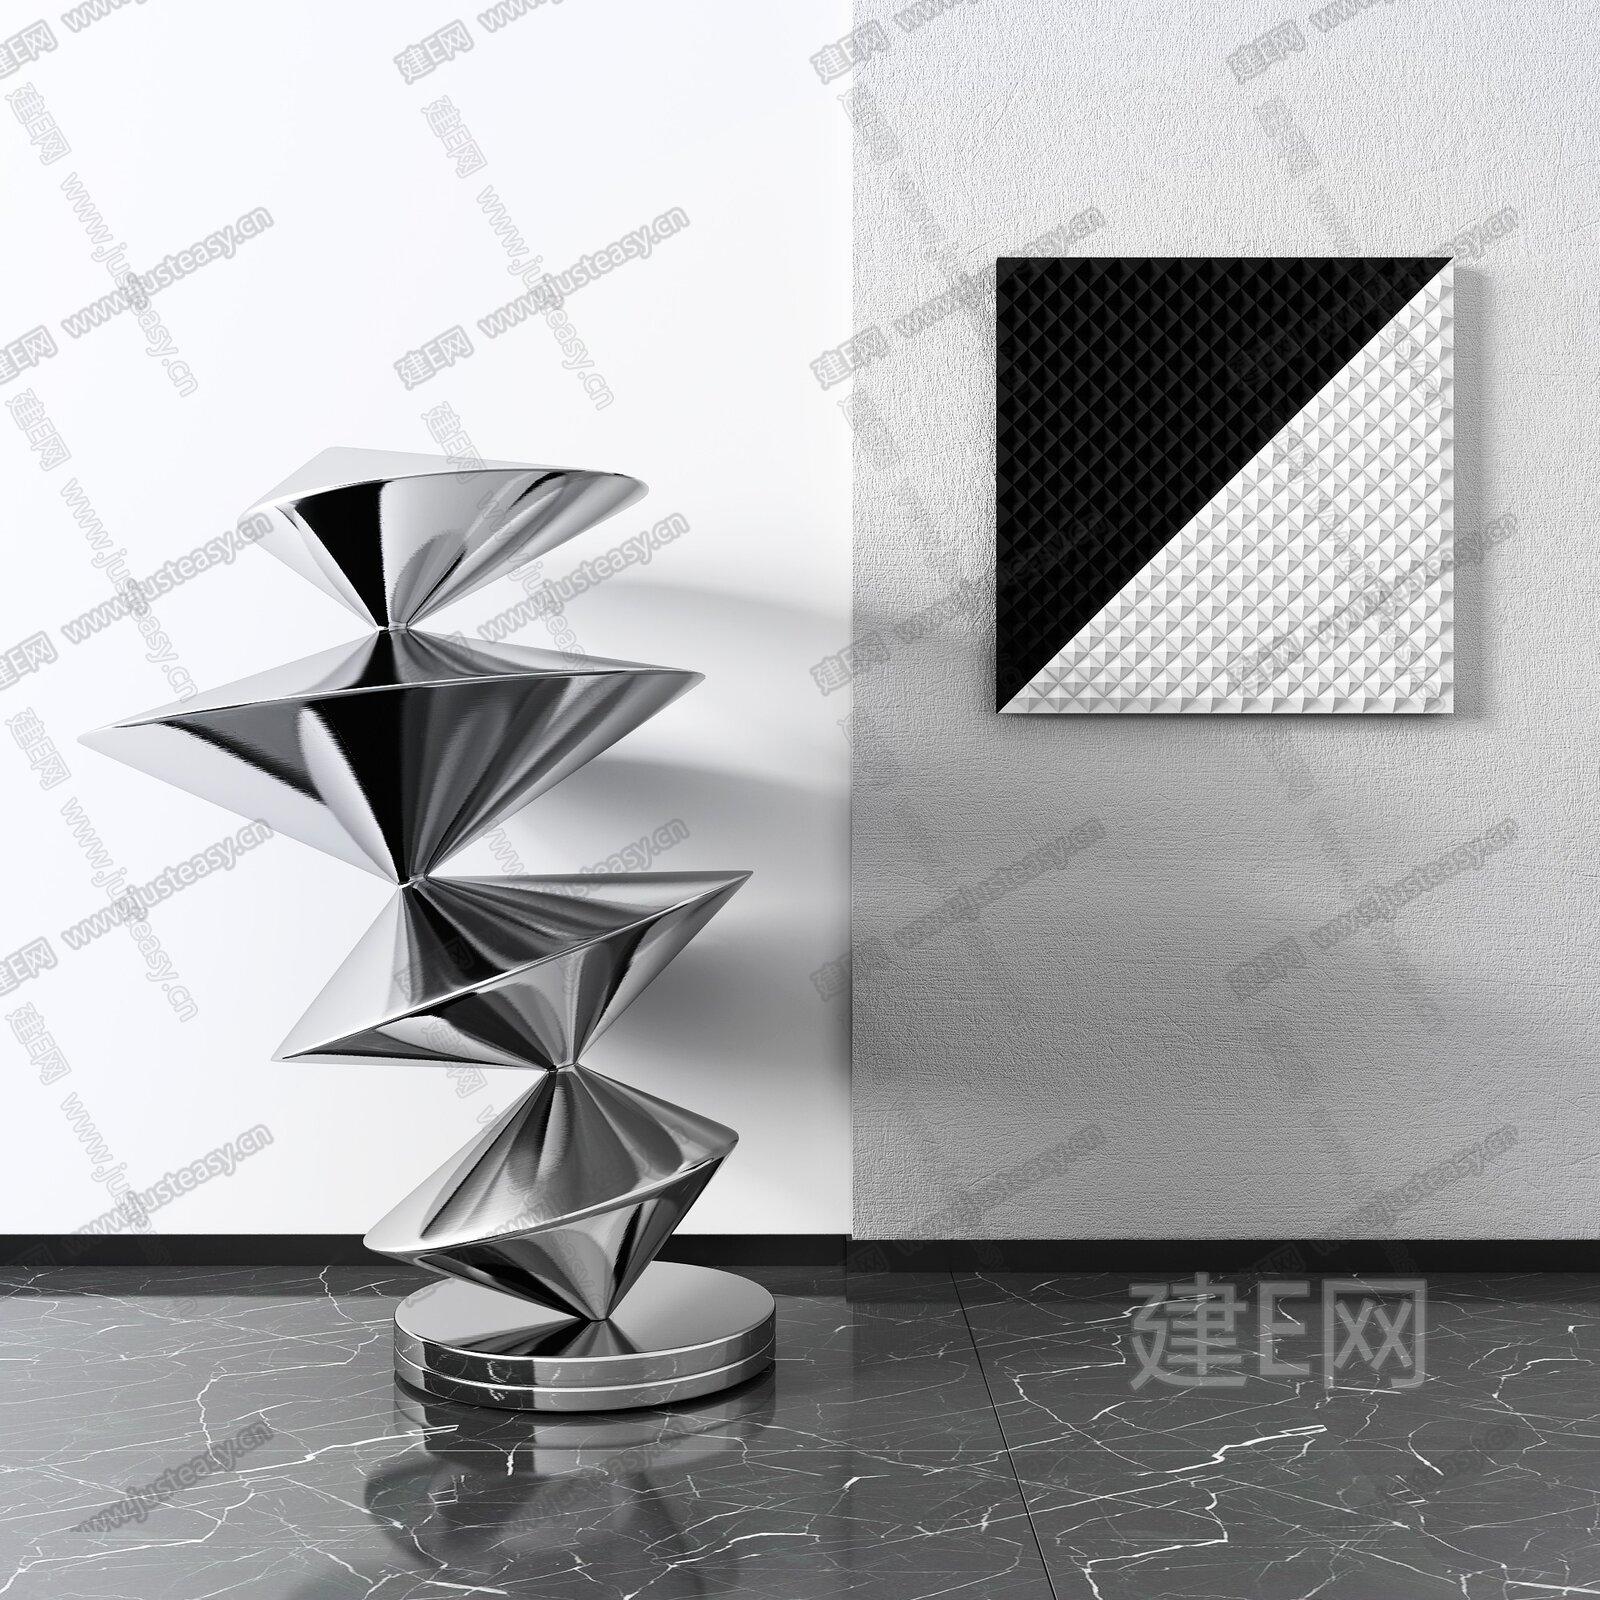 现代金属雕塑3d模型